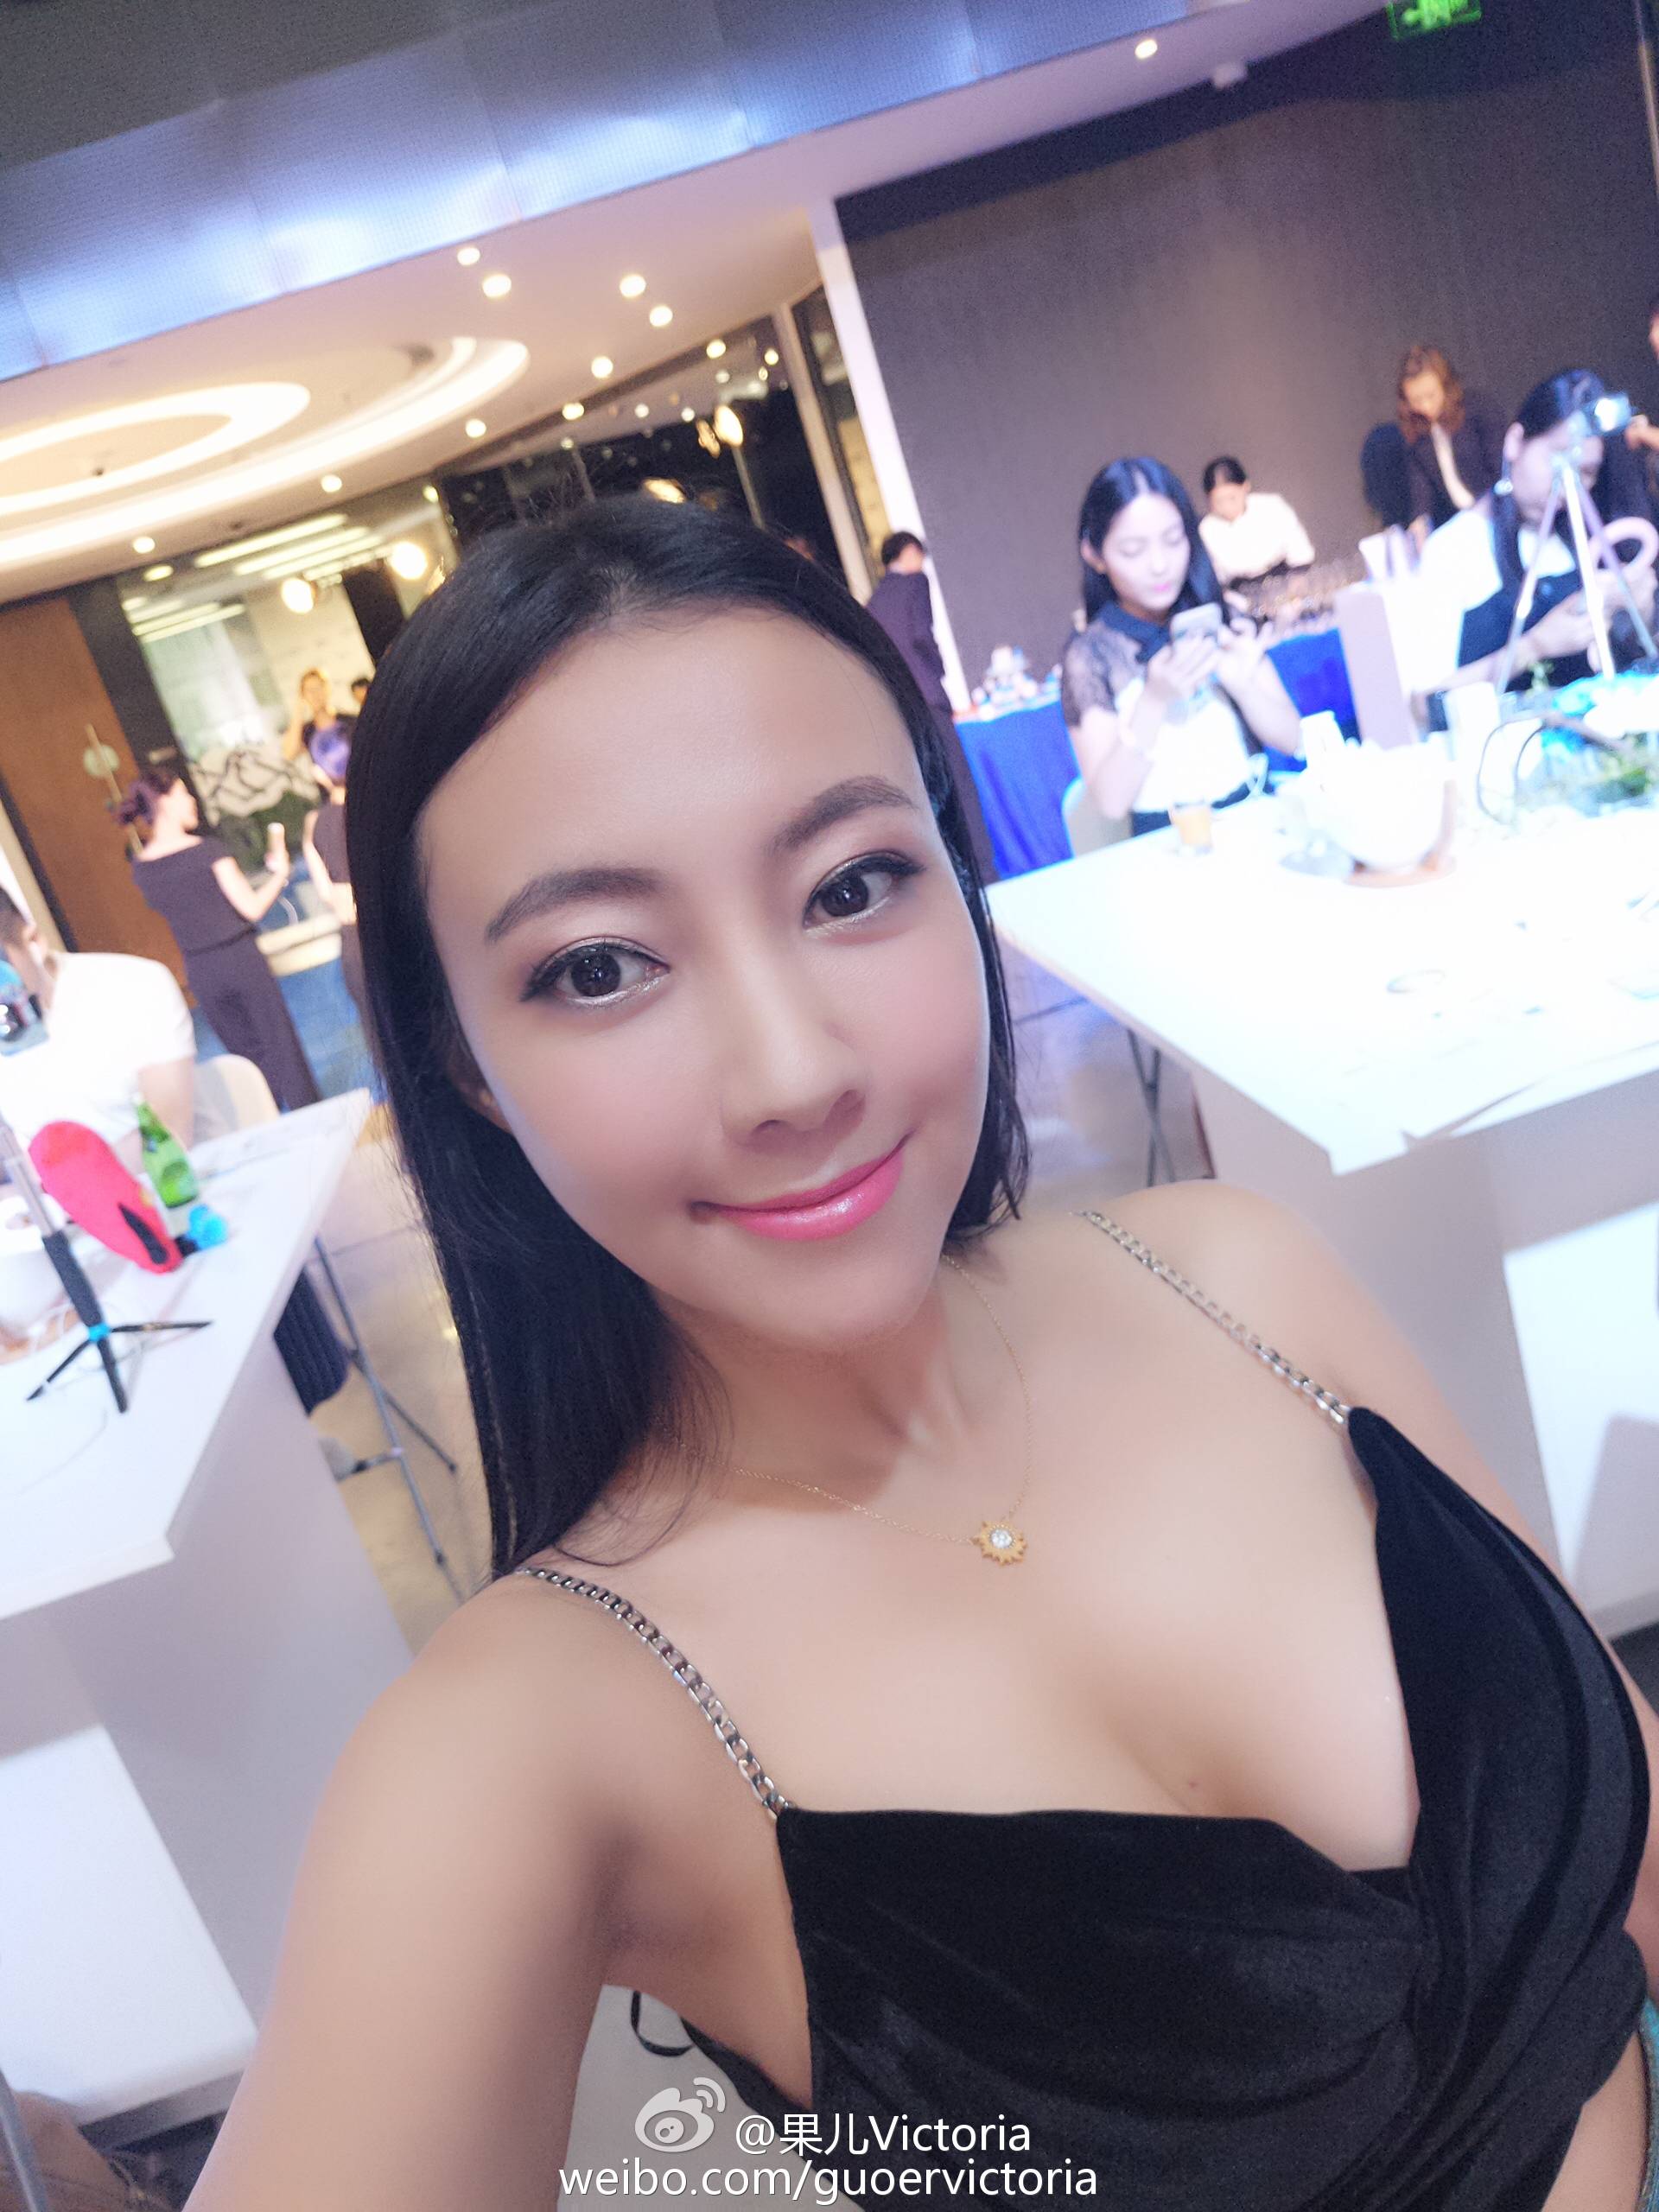 果儿Victoria 这一站我到了上海,见到了一群可爱的小伙伴_美女福利图片